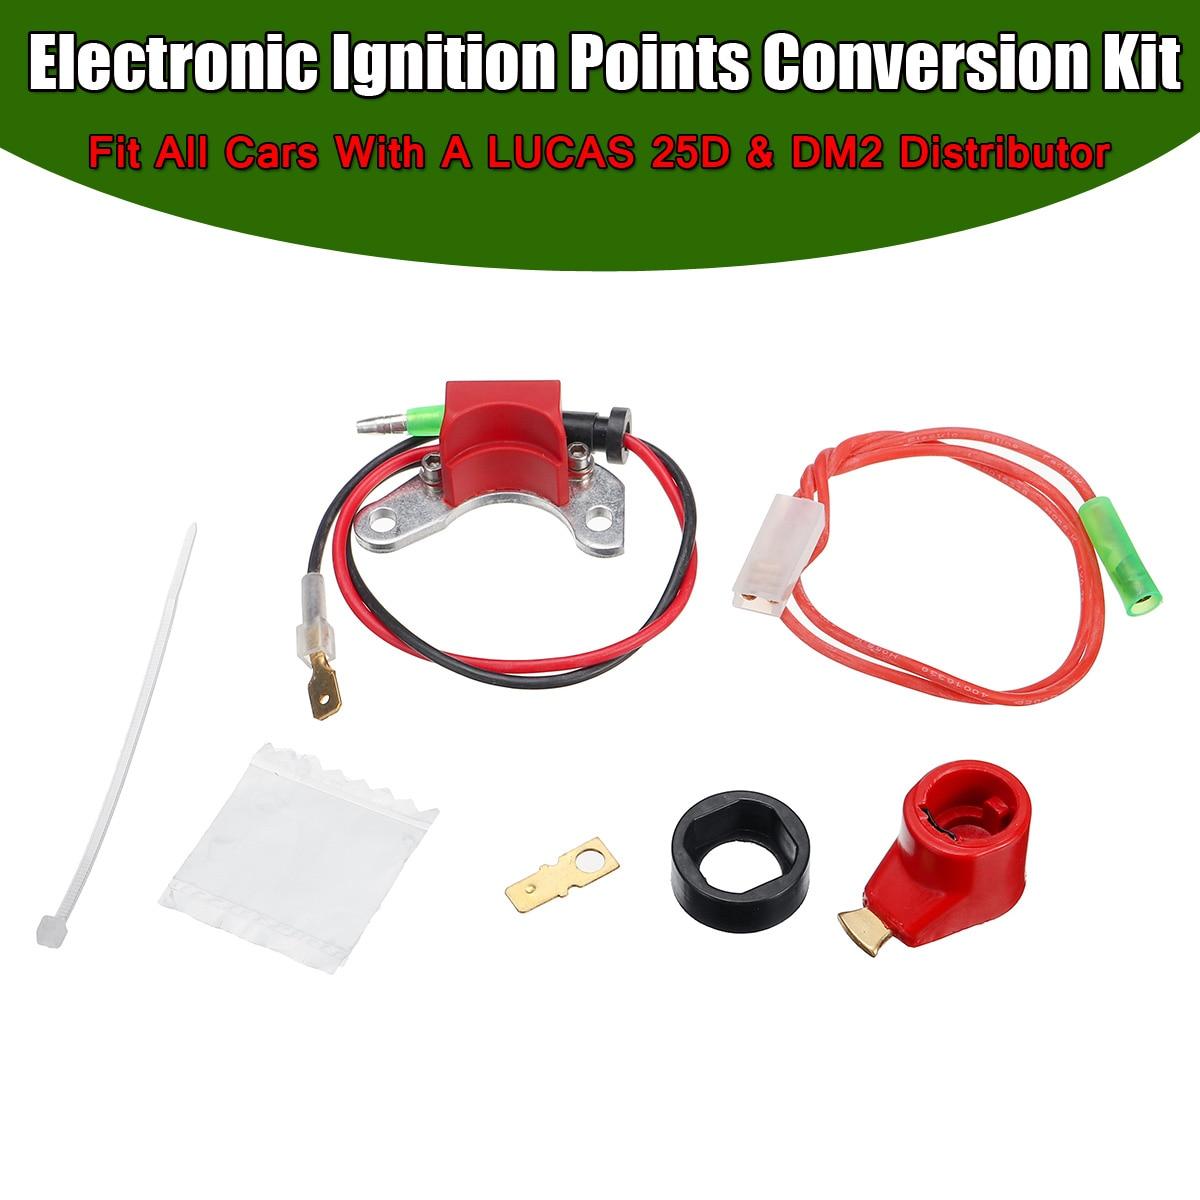 EEN Set Elektronische Ontsteking Punten Conversie Distributeur Coil Kit Fit Alle Auto 'S Voor LUCAS 25D + DM2 Distributeur